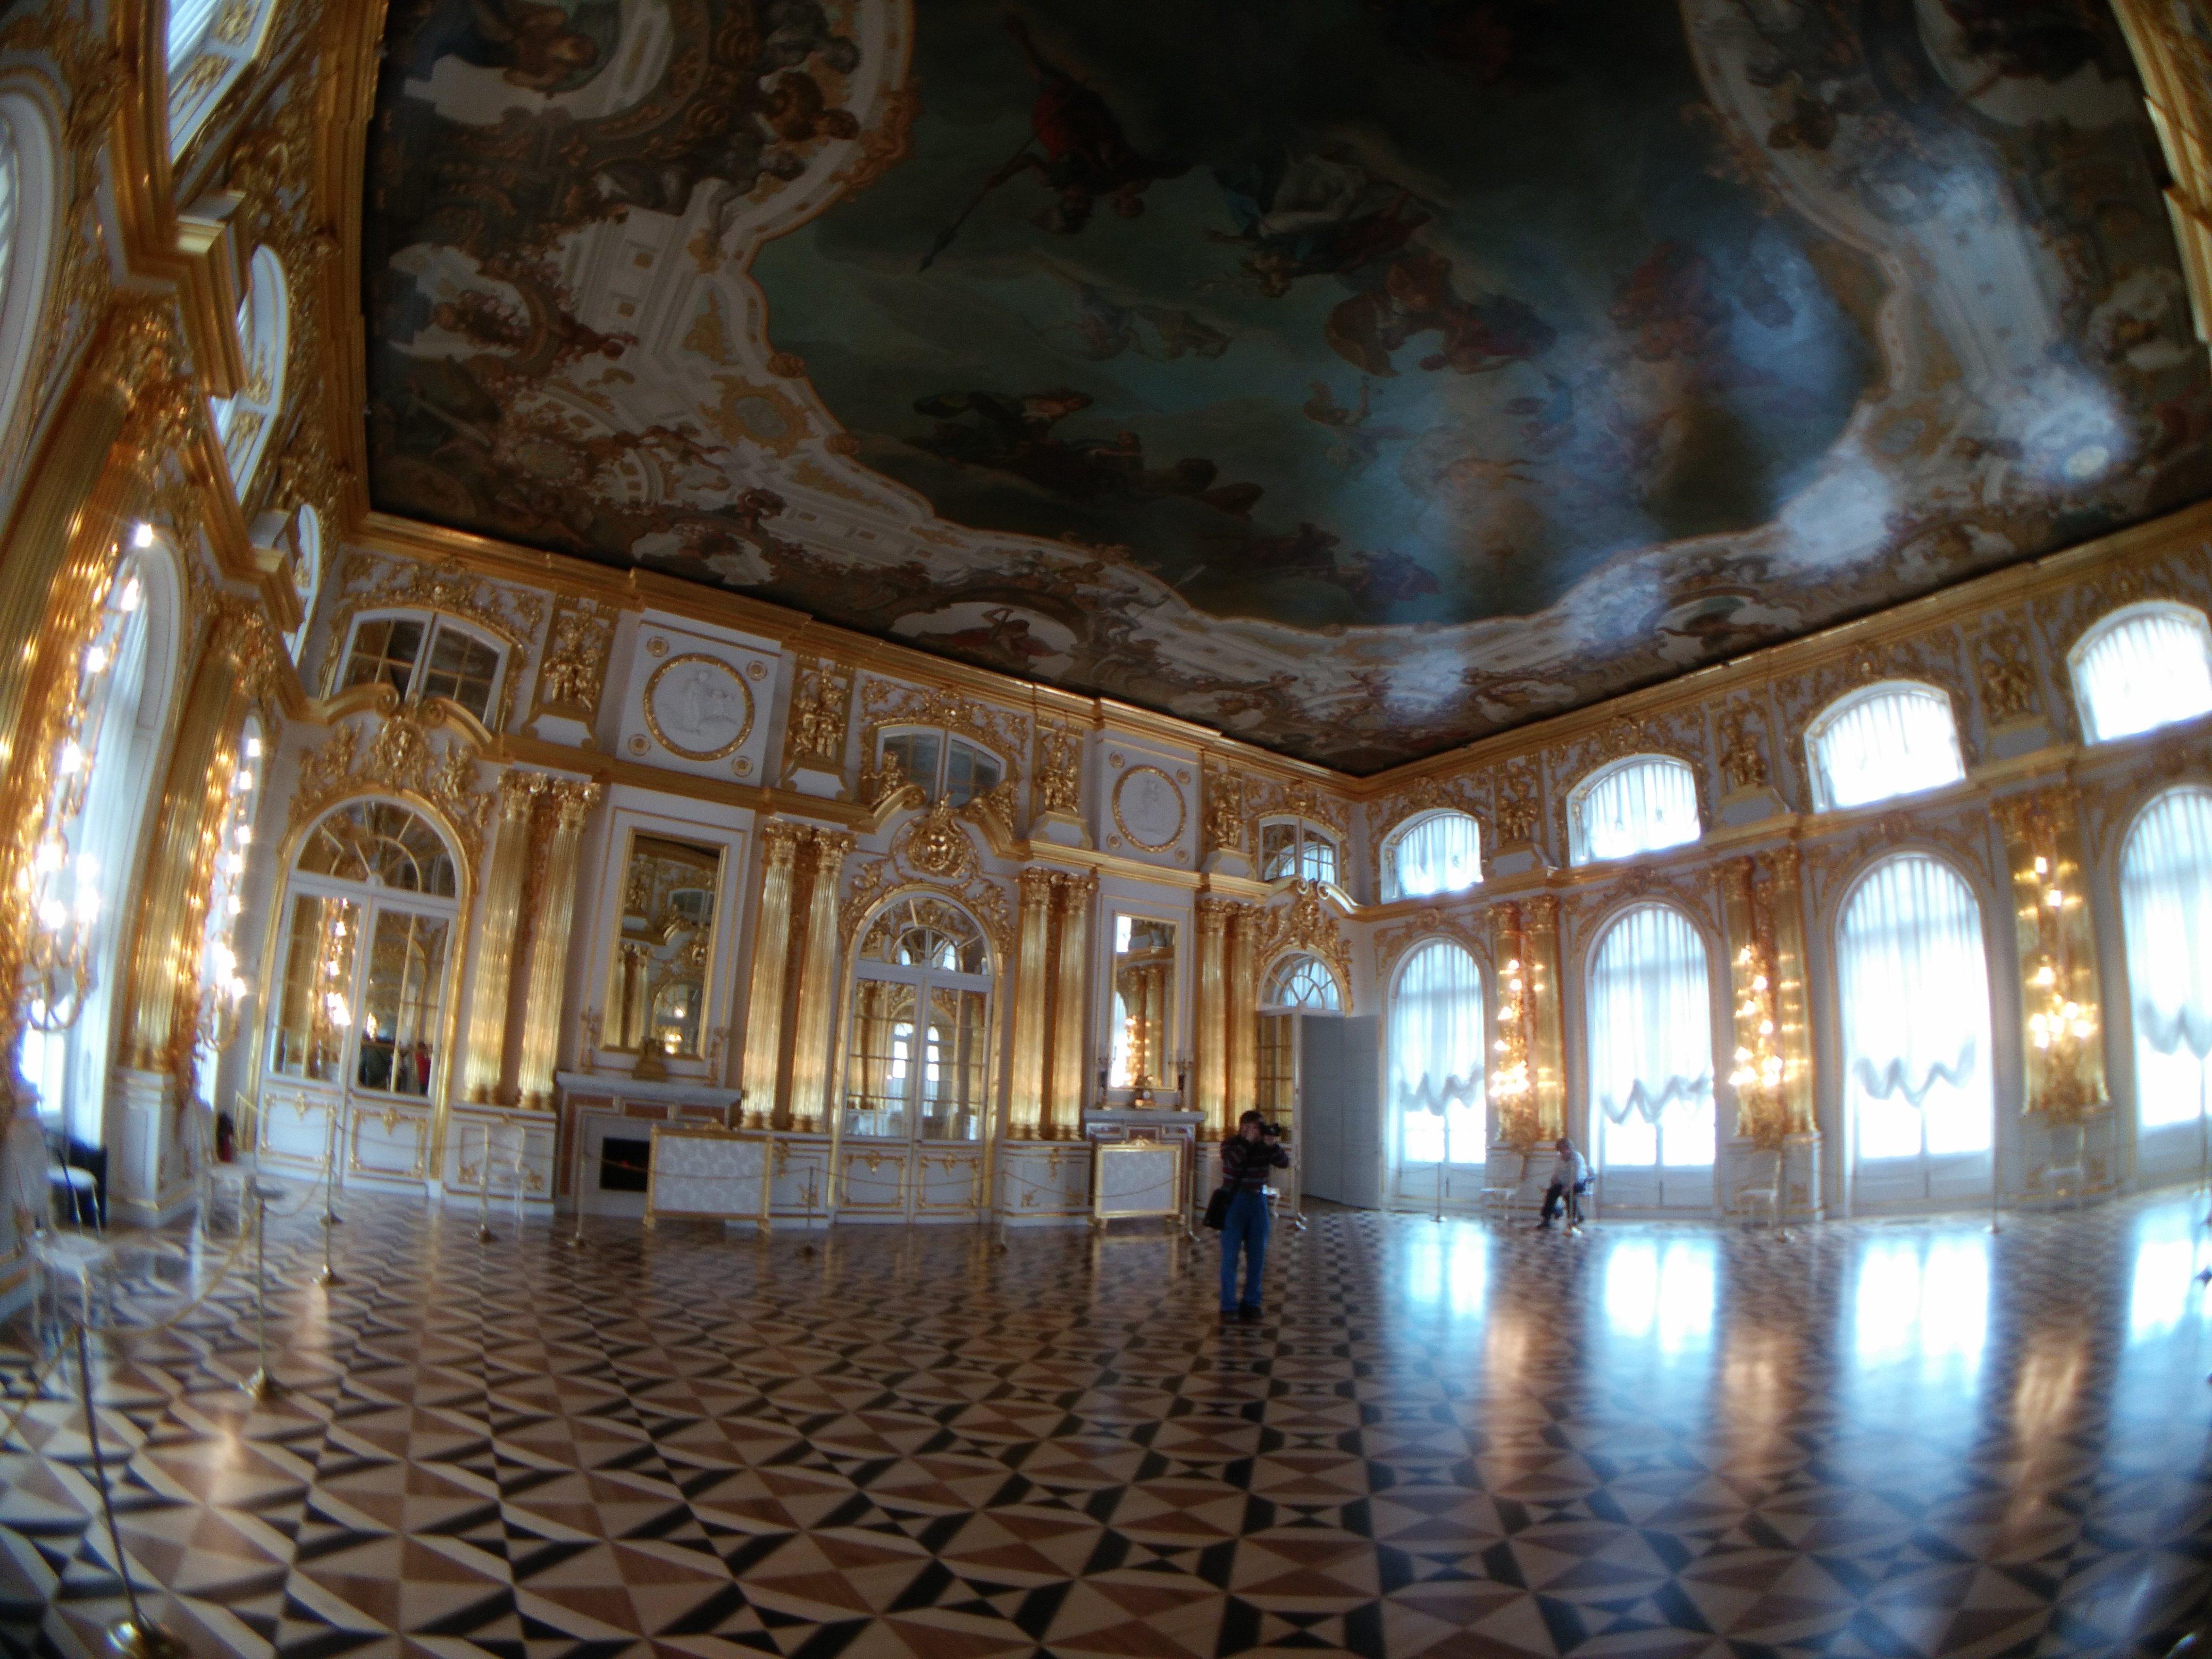 古欧式宫殿内部图片